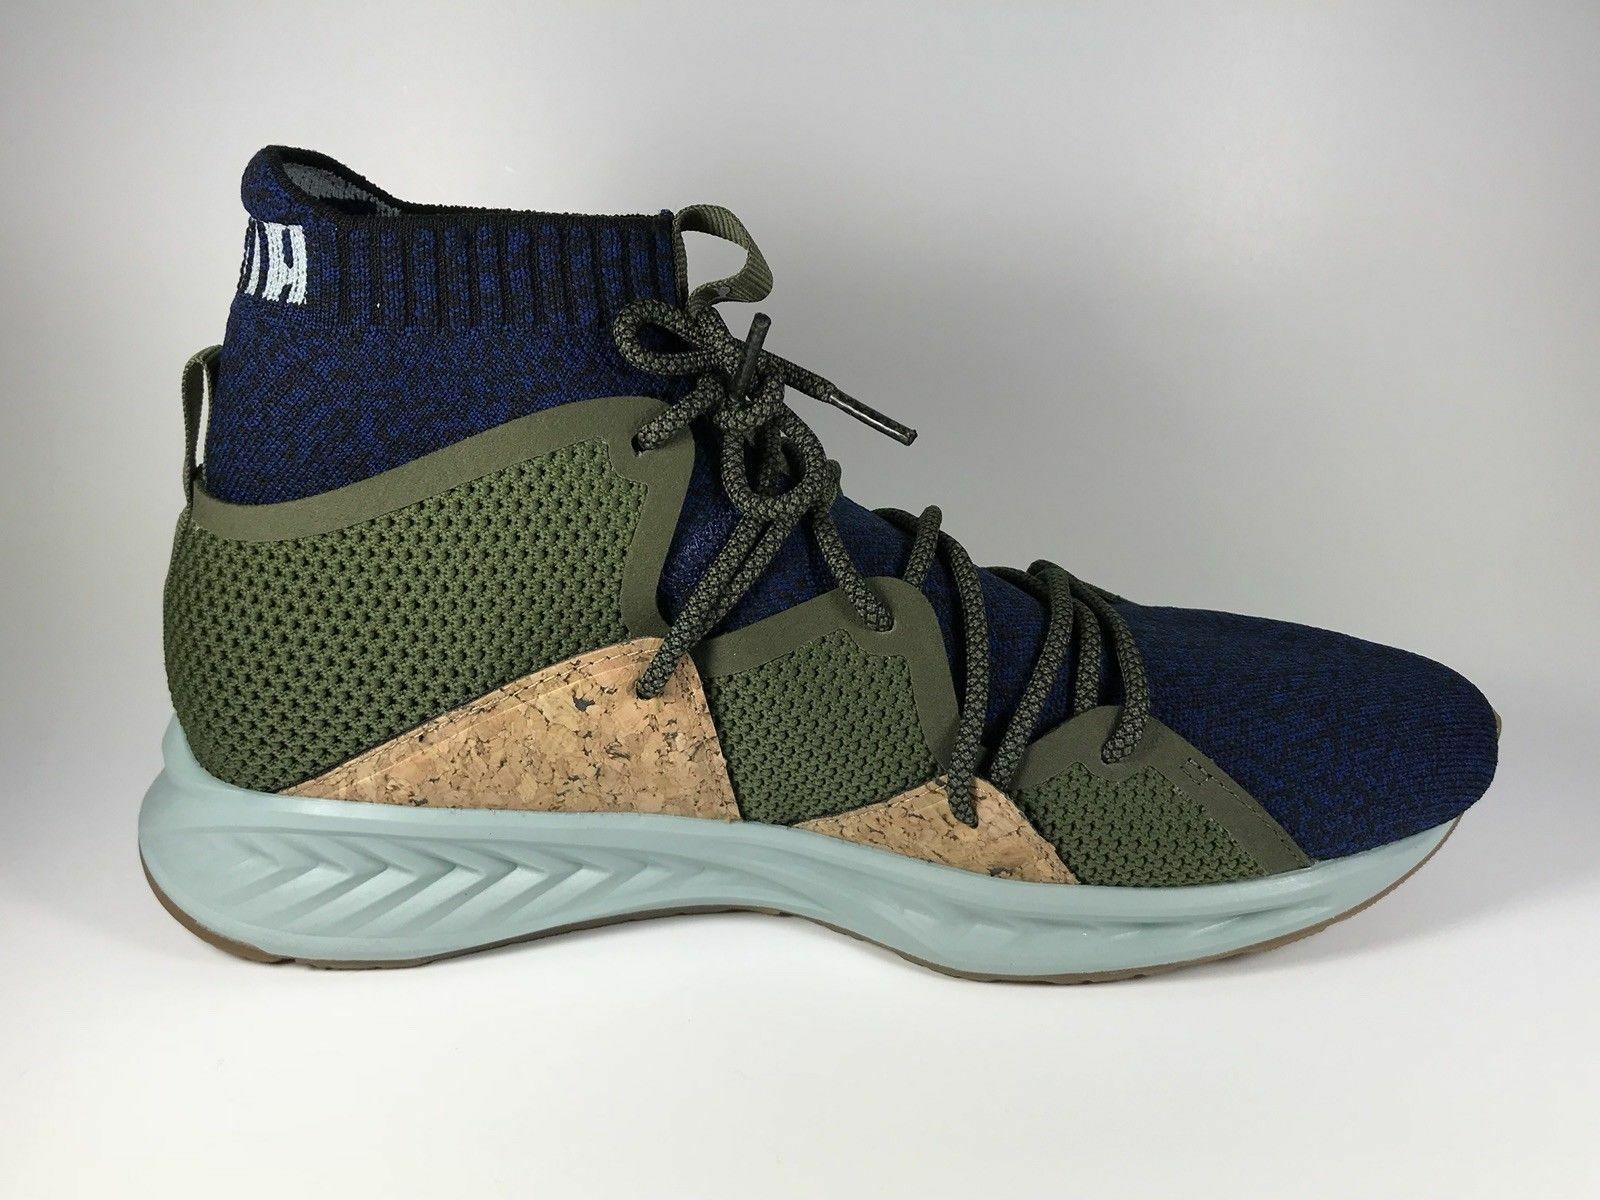 Zapatillas deportivas Puma Ignite evoknit Onda MID Hombres Zapatos Oliva 365858-02 Nuevo